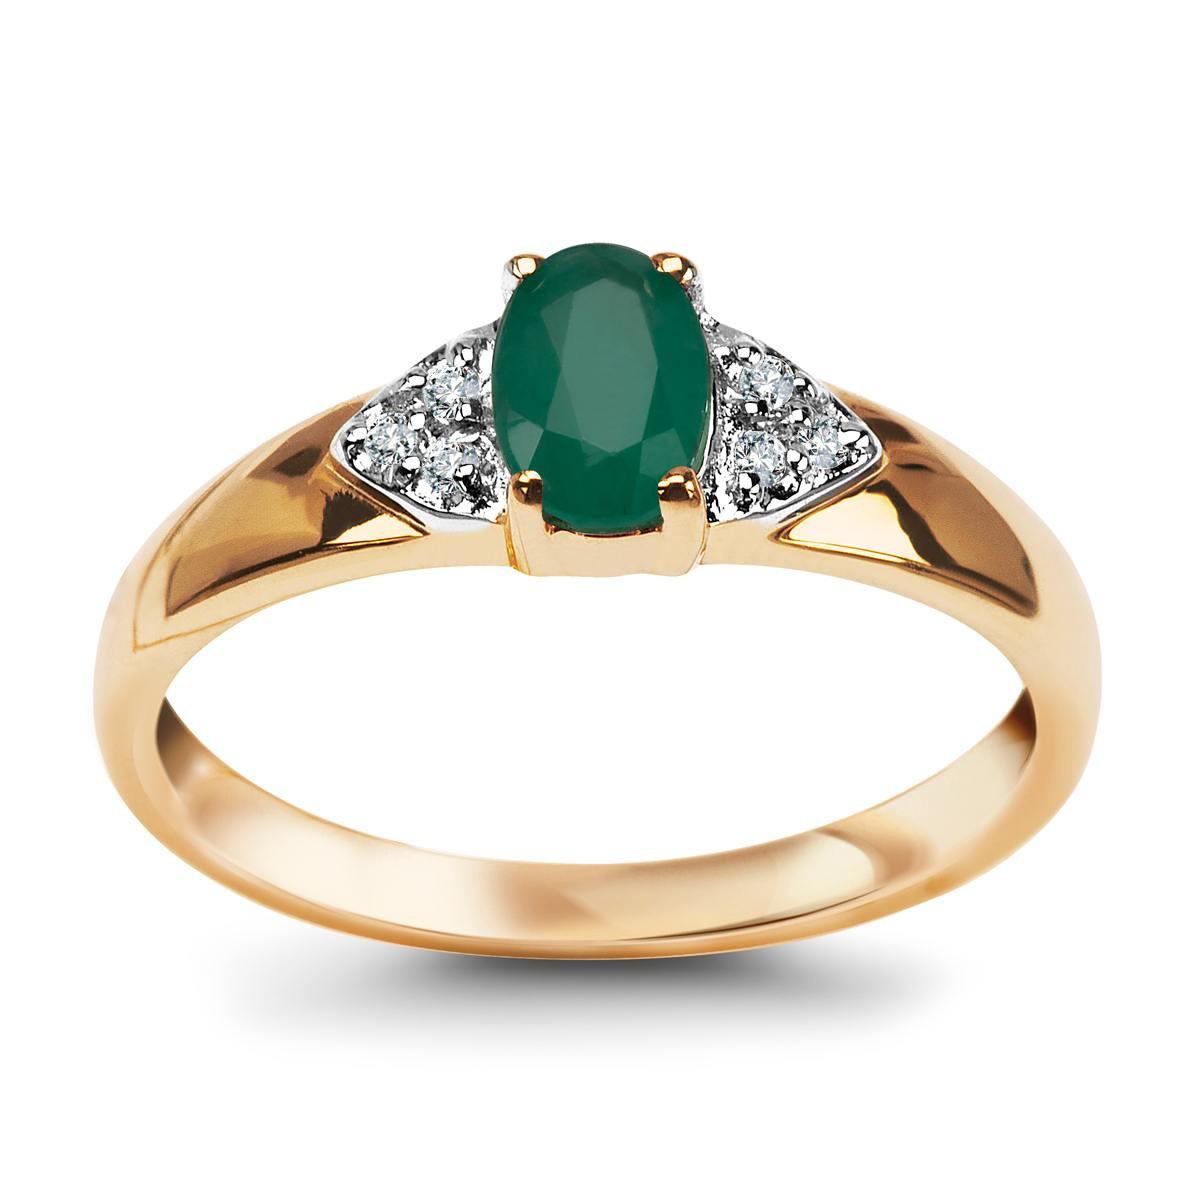 2bef00699433e4 Pierścionek z diamentami i szmaragdem (2217Z - 25097)